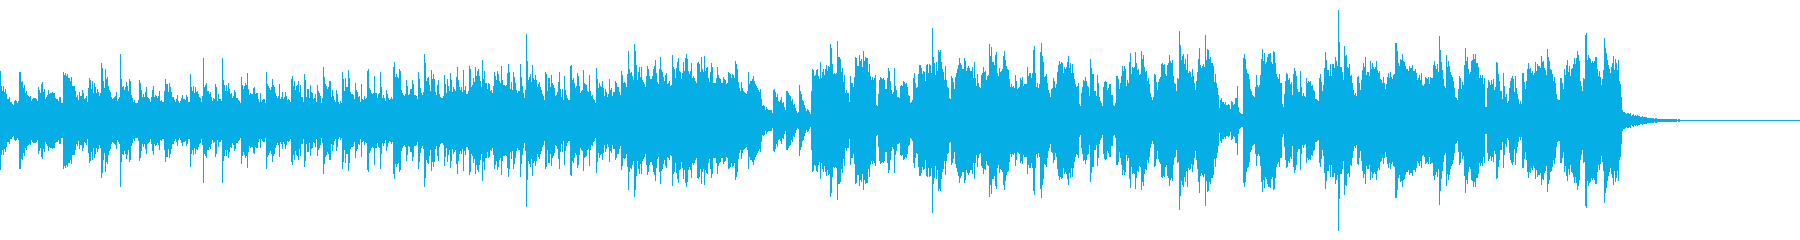 少し感動的な変則ビートの再生済みの波形